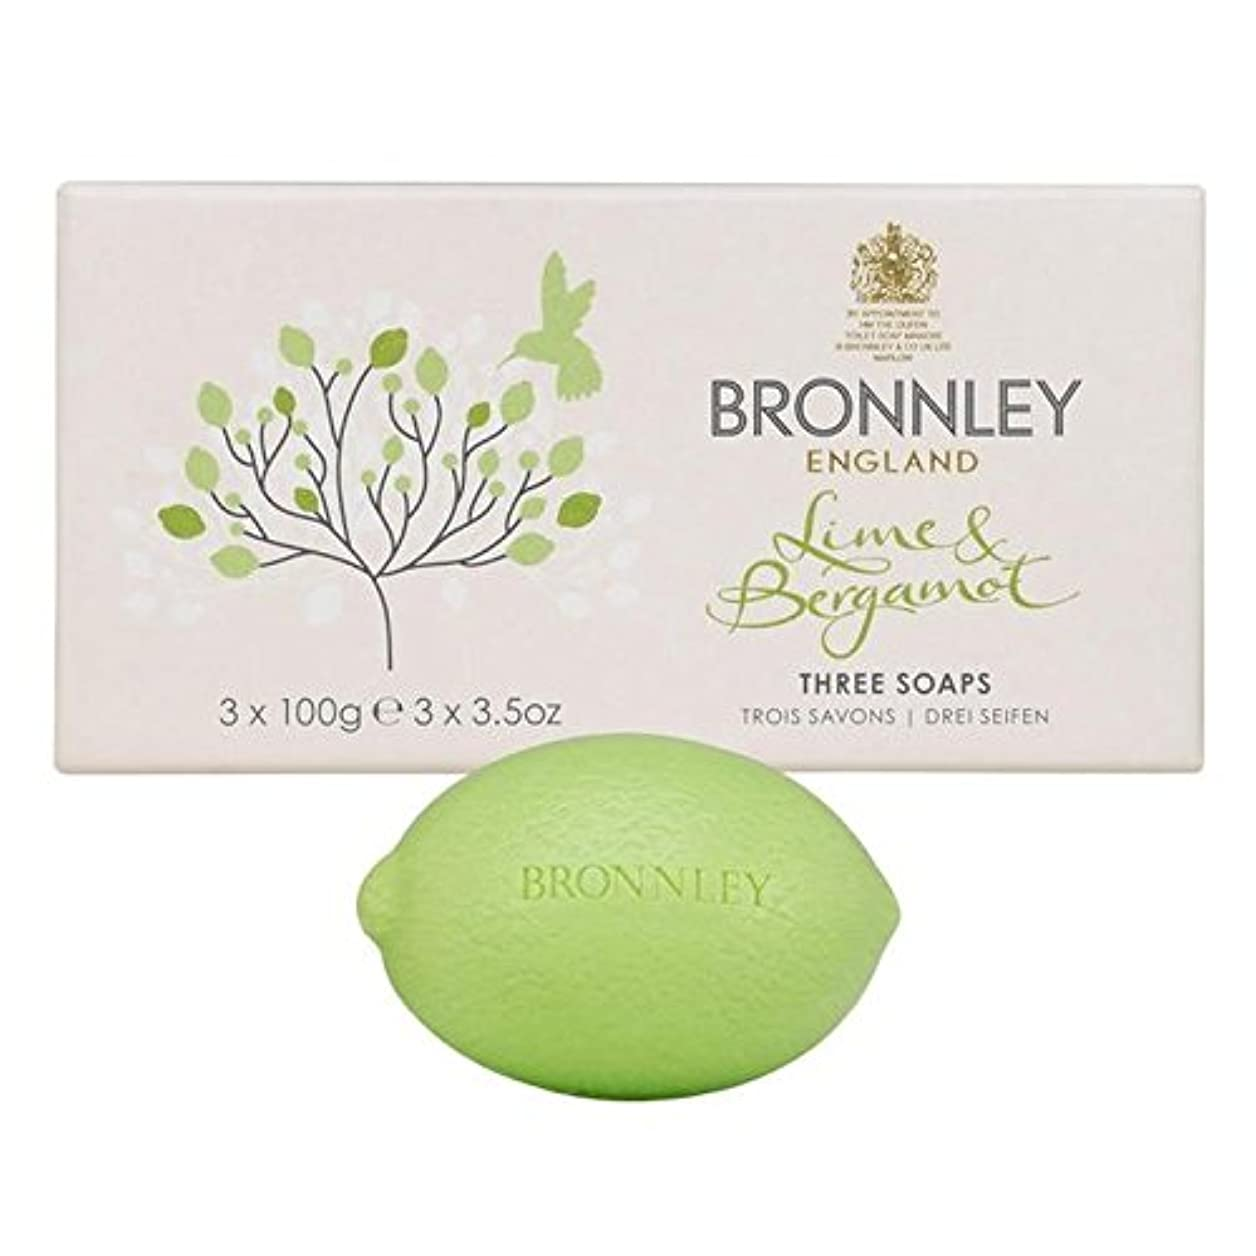 小説家クライストチャーチスキャンダルBronnley Lime & Bergamot Soap 3 x 100g - ライム&ベルガモット石鹸3×100グラム [並行輸入品]